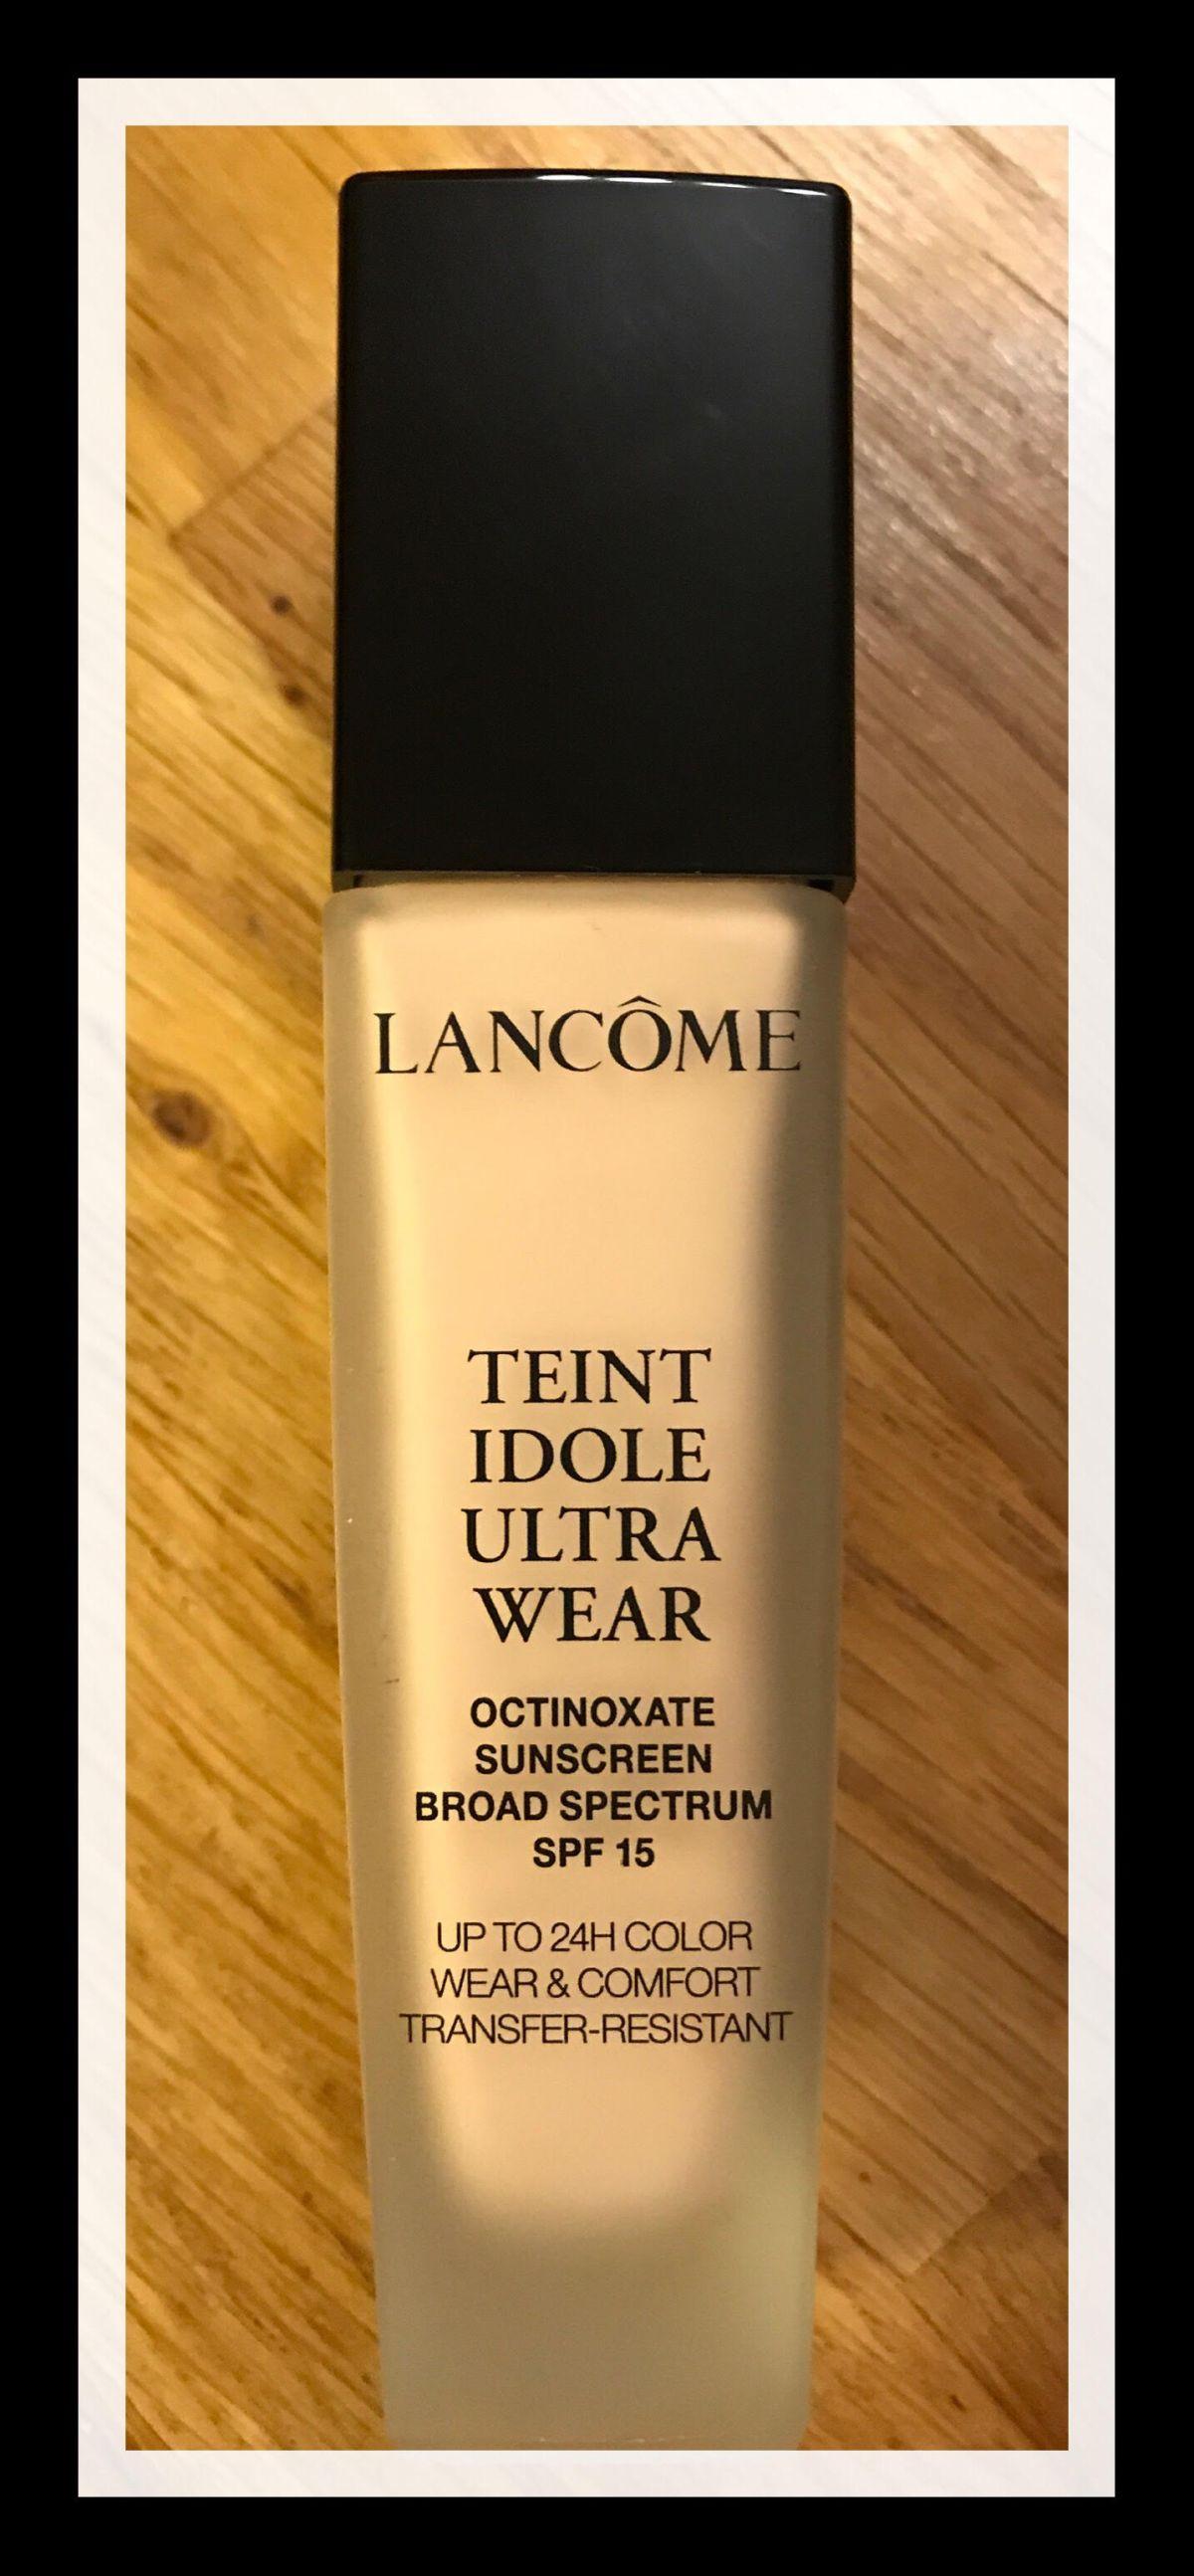 Lancôme Teint Idole UltraWear